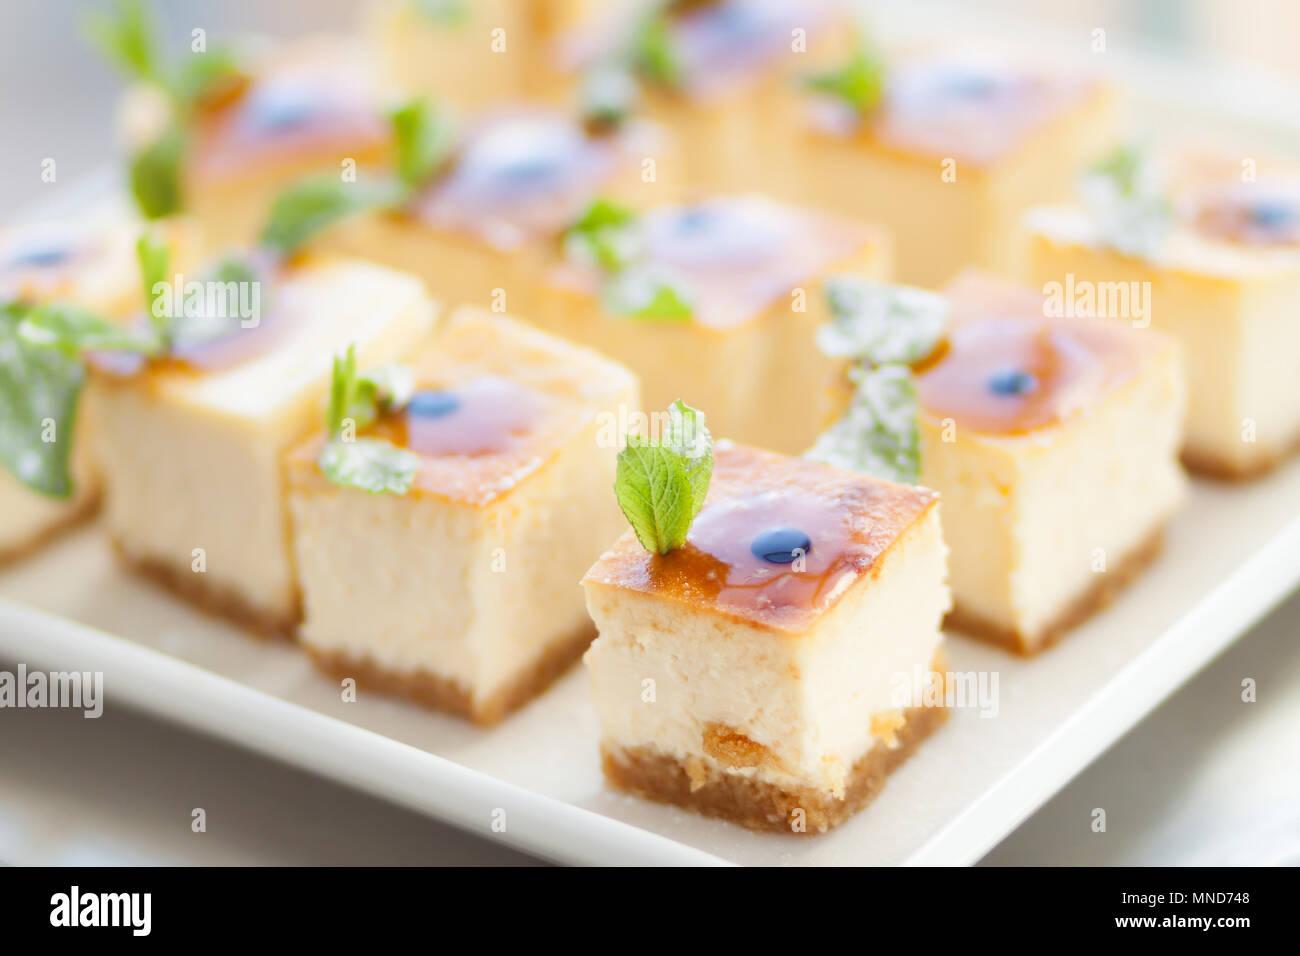 Appetitlich Käsekuchen mit Minze. Köstliches Dessert auf weiße Platte geschnitten. Stockbild